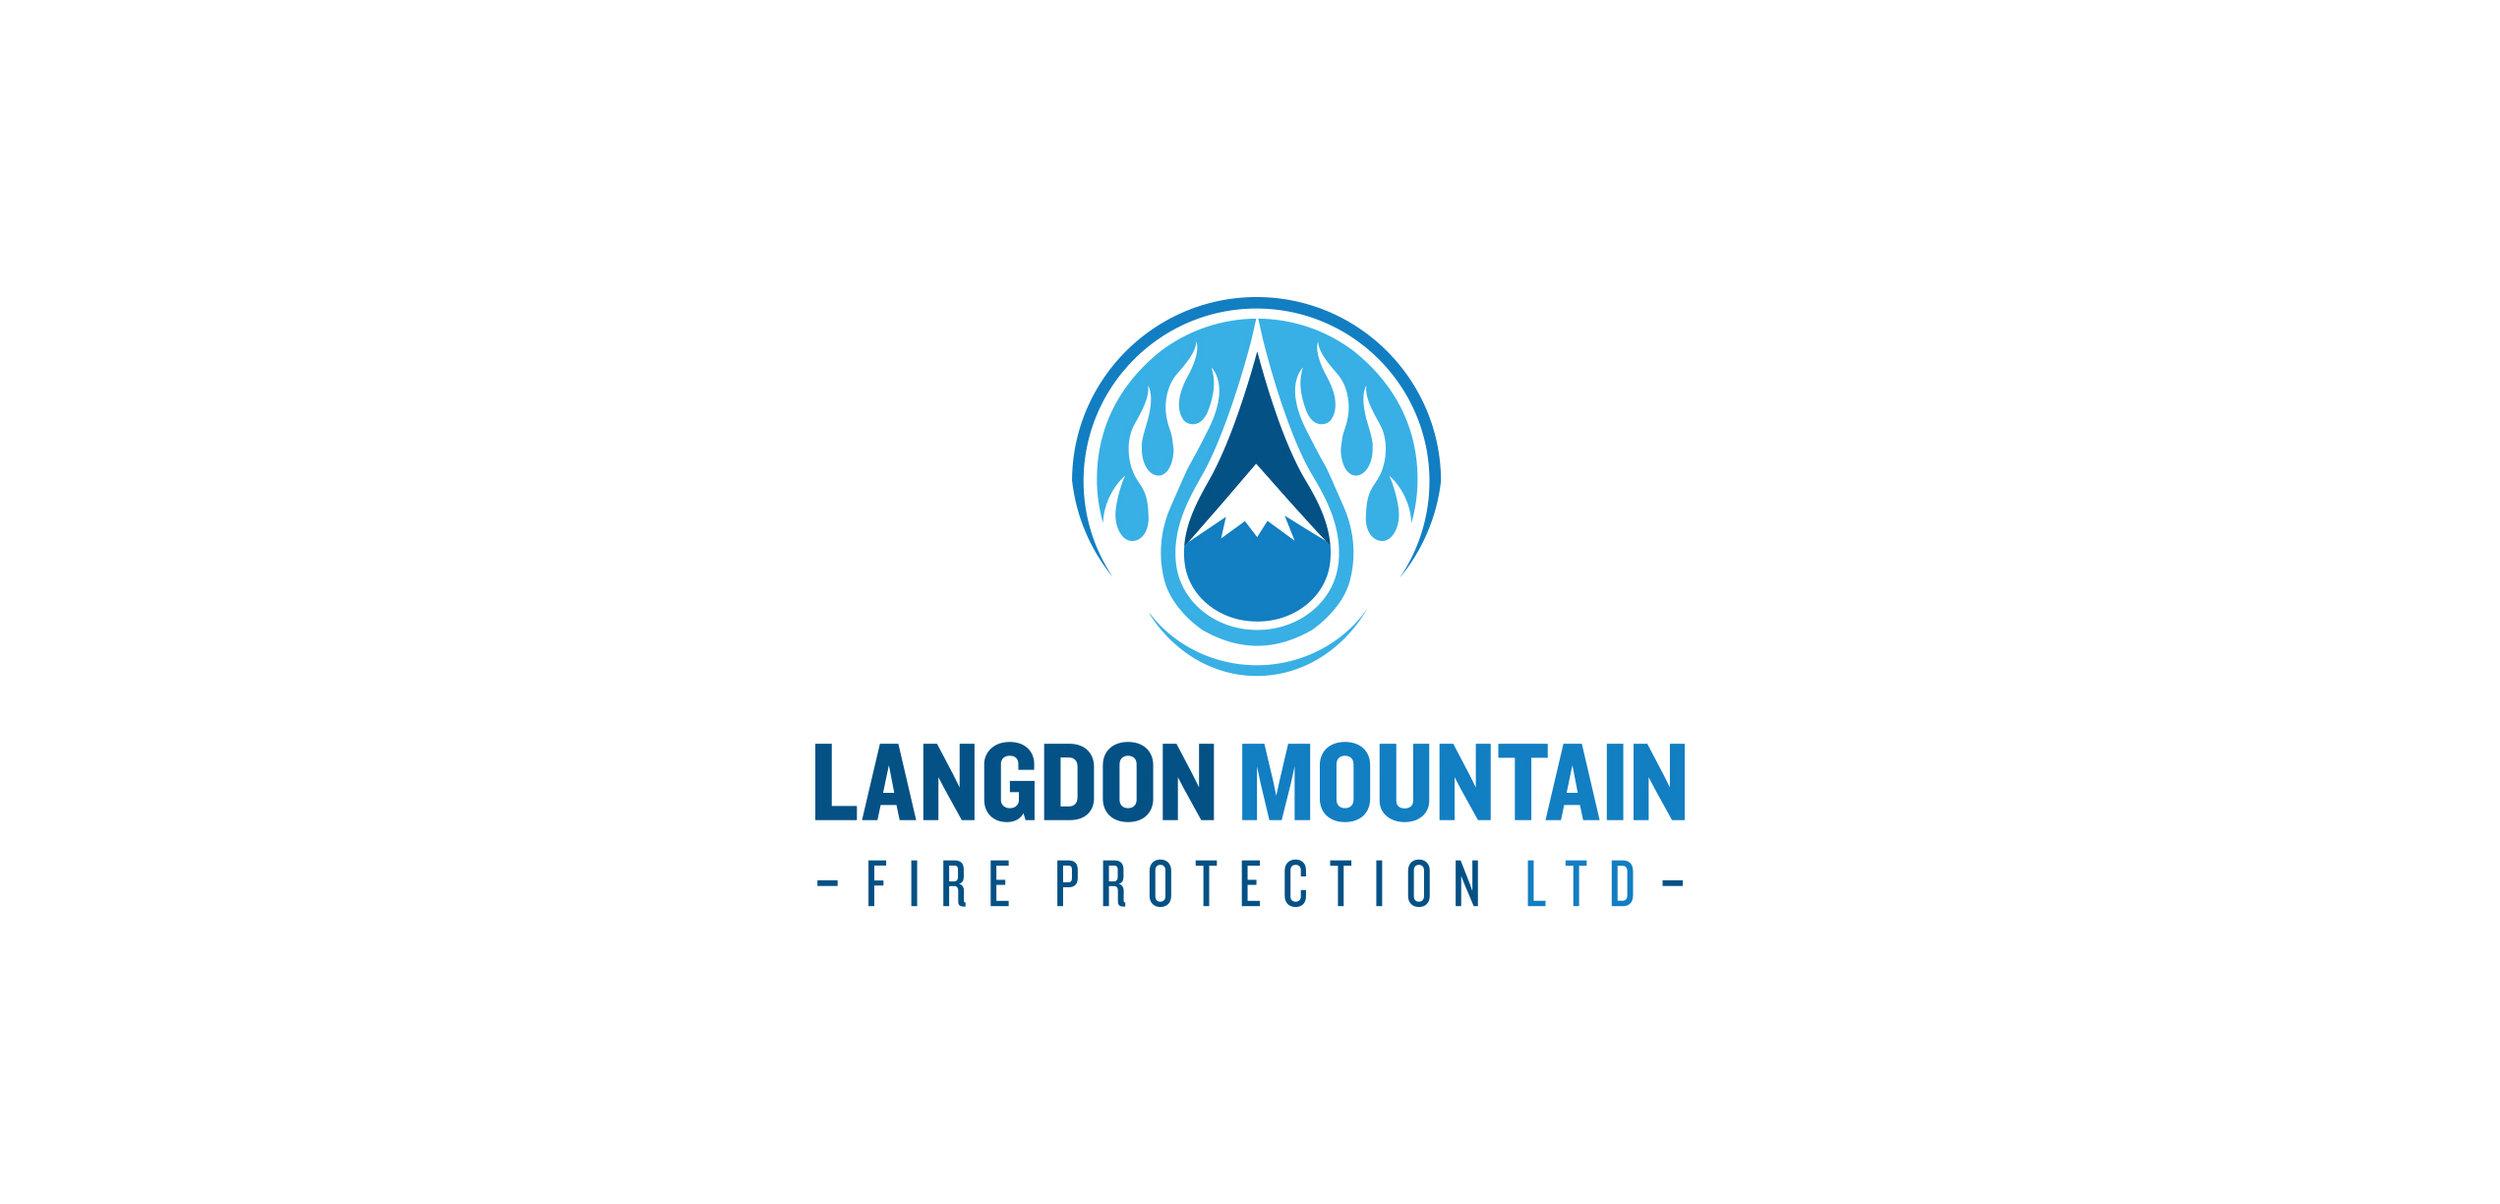 022 - Langdon Mountain.jpg